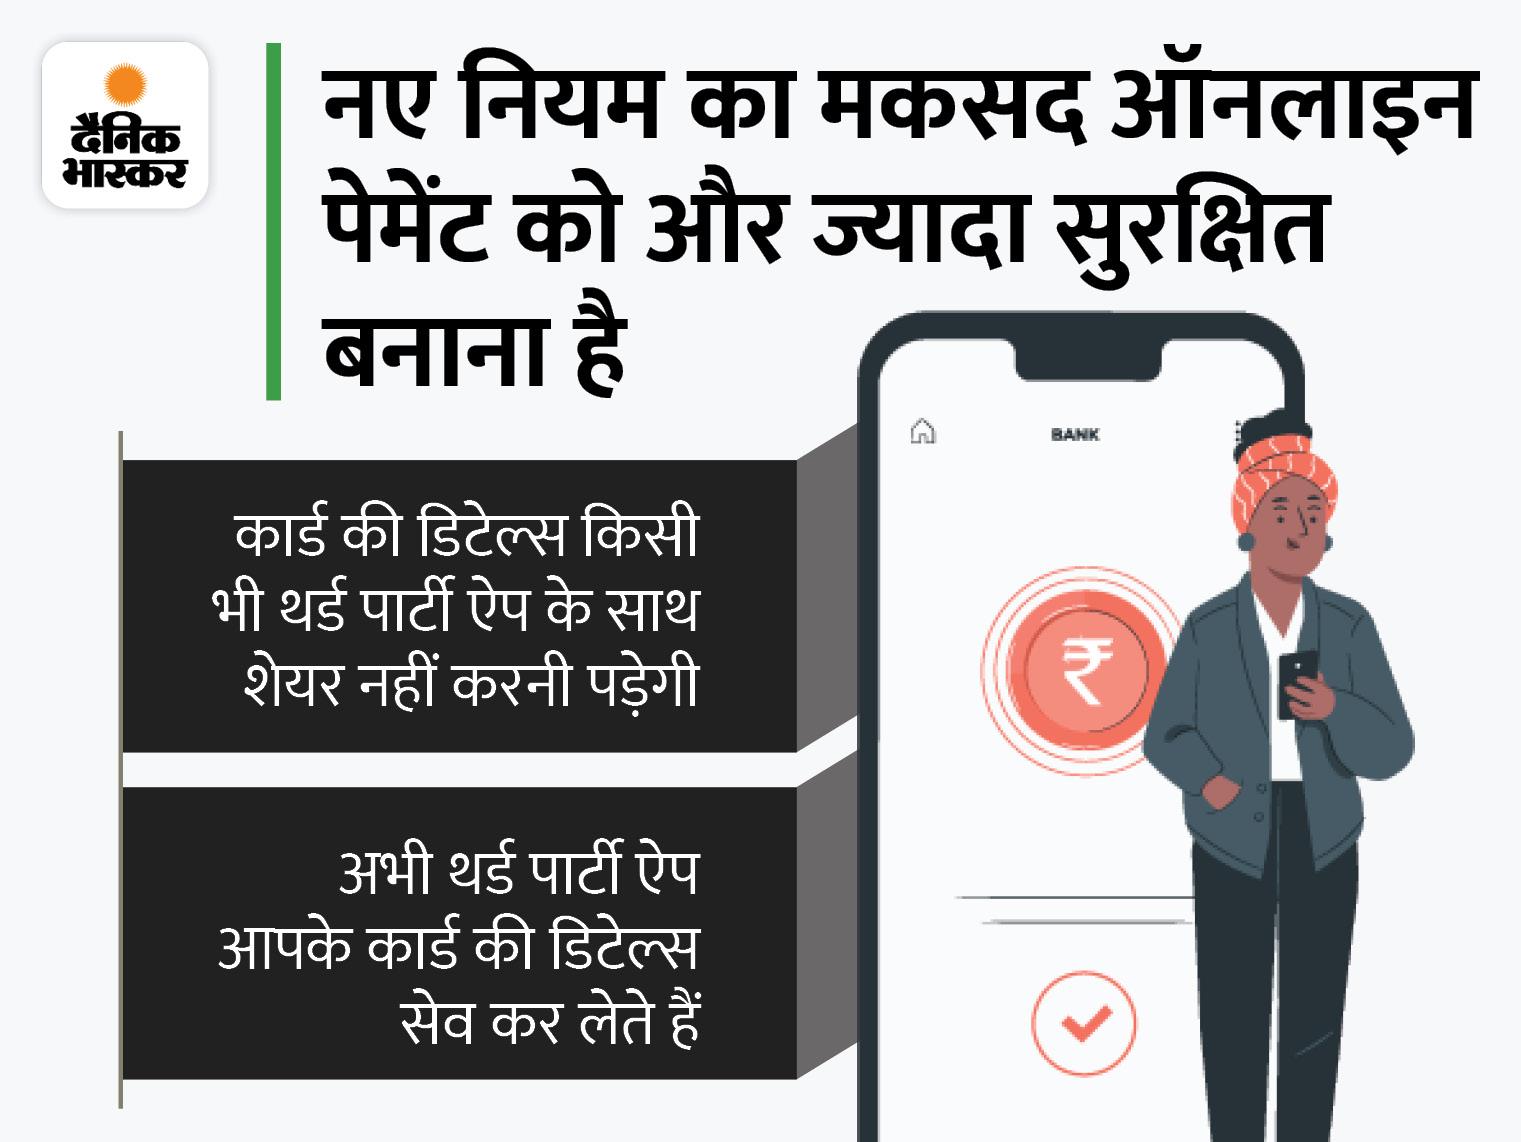 1 जनवरी 2022 से बदल जाएगा ऑनलाइन कार्ड पेमेंट का तरीका, RBI ने जारी किए नए नियम|बिजनेस,Business - Dainik Bhaskar